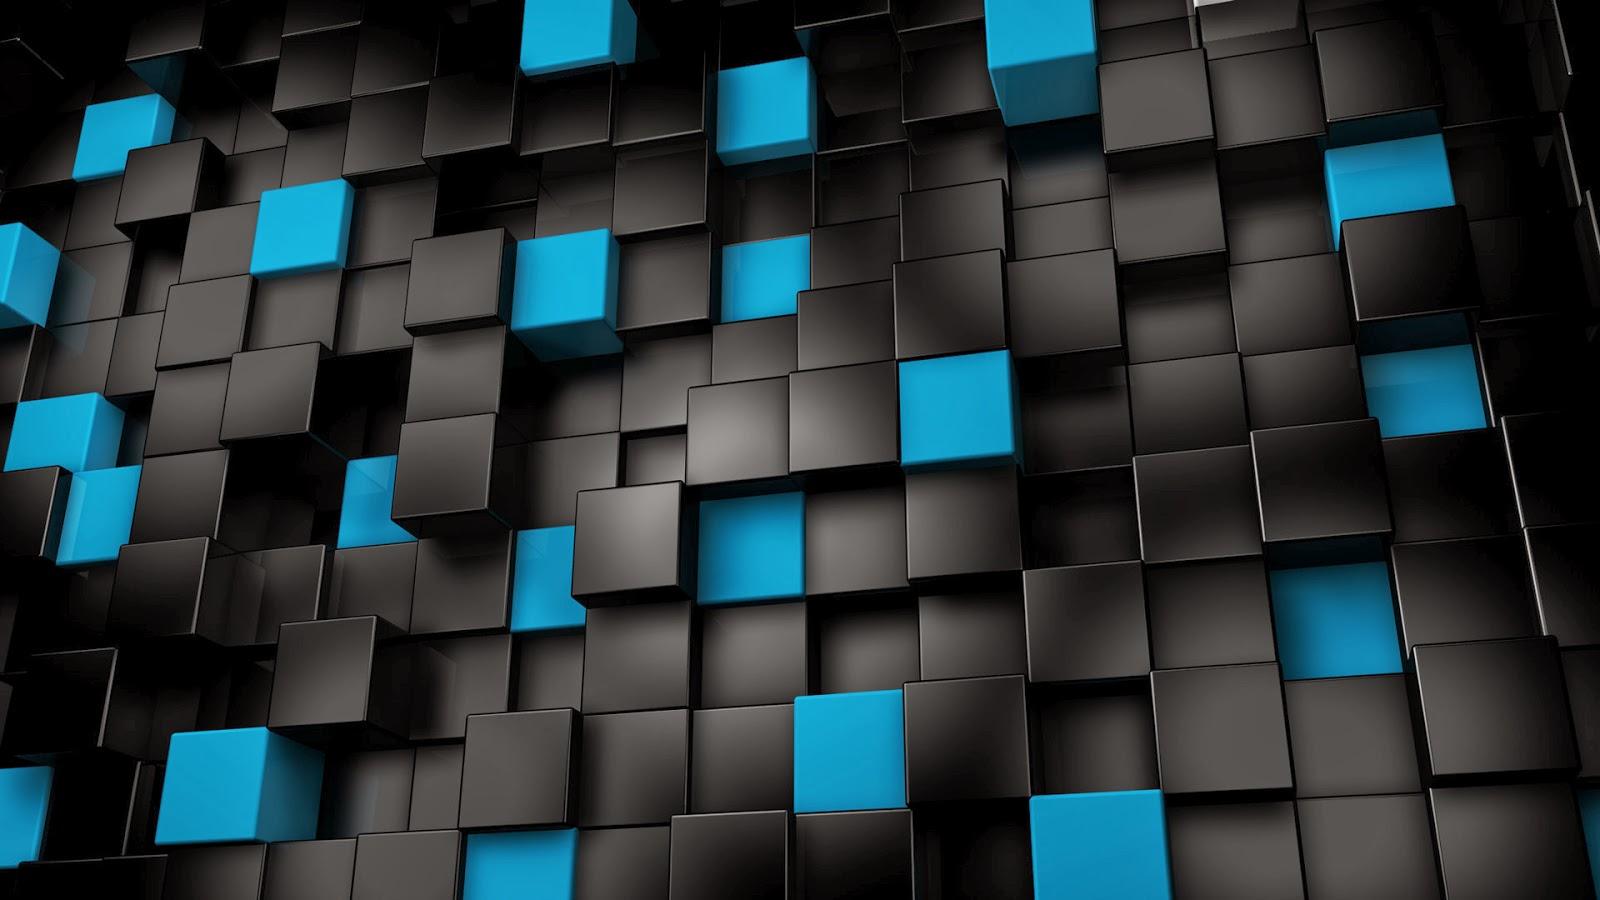 Fondo De Pantalla Abstracto Bolas Azules: Imagenes Hilandy: Fondo De Pantalla Abstracto Cubos Negros